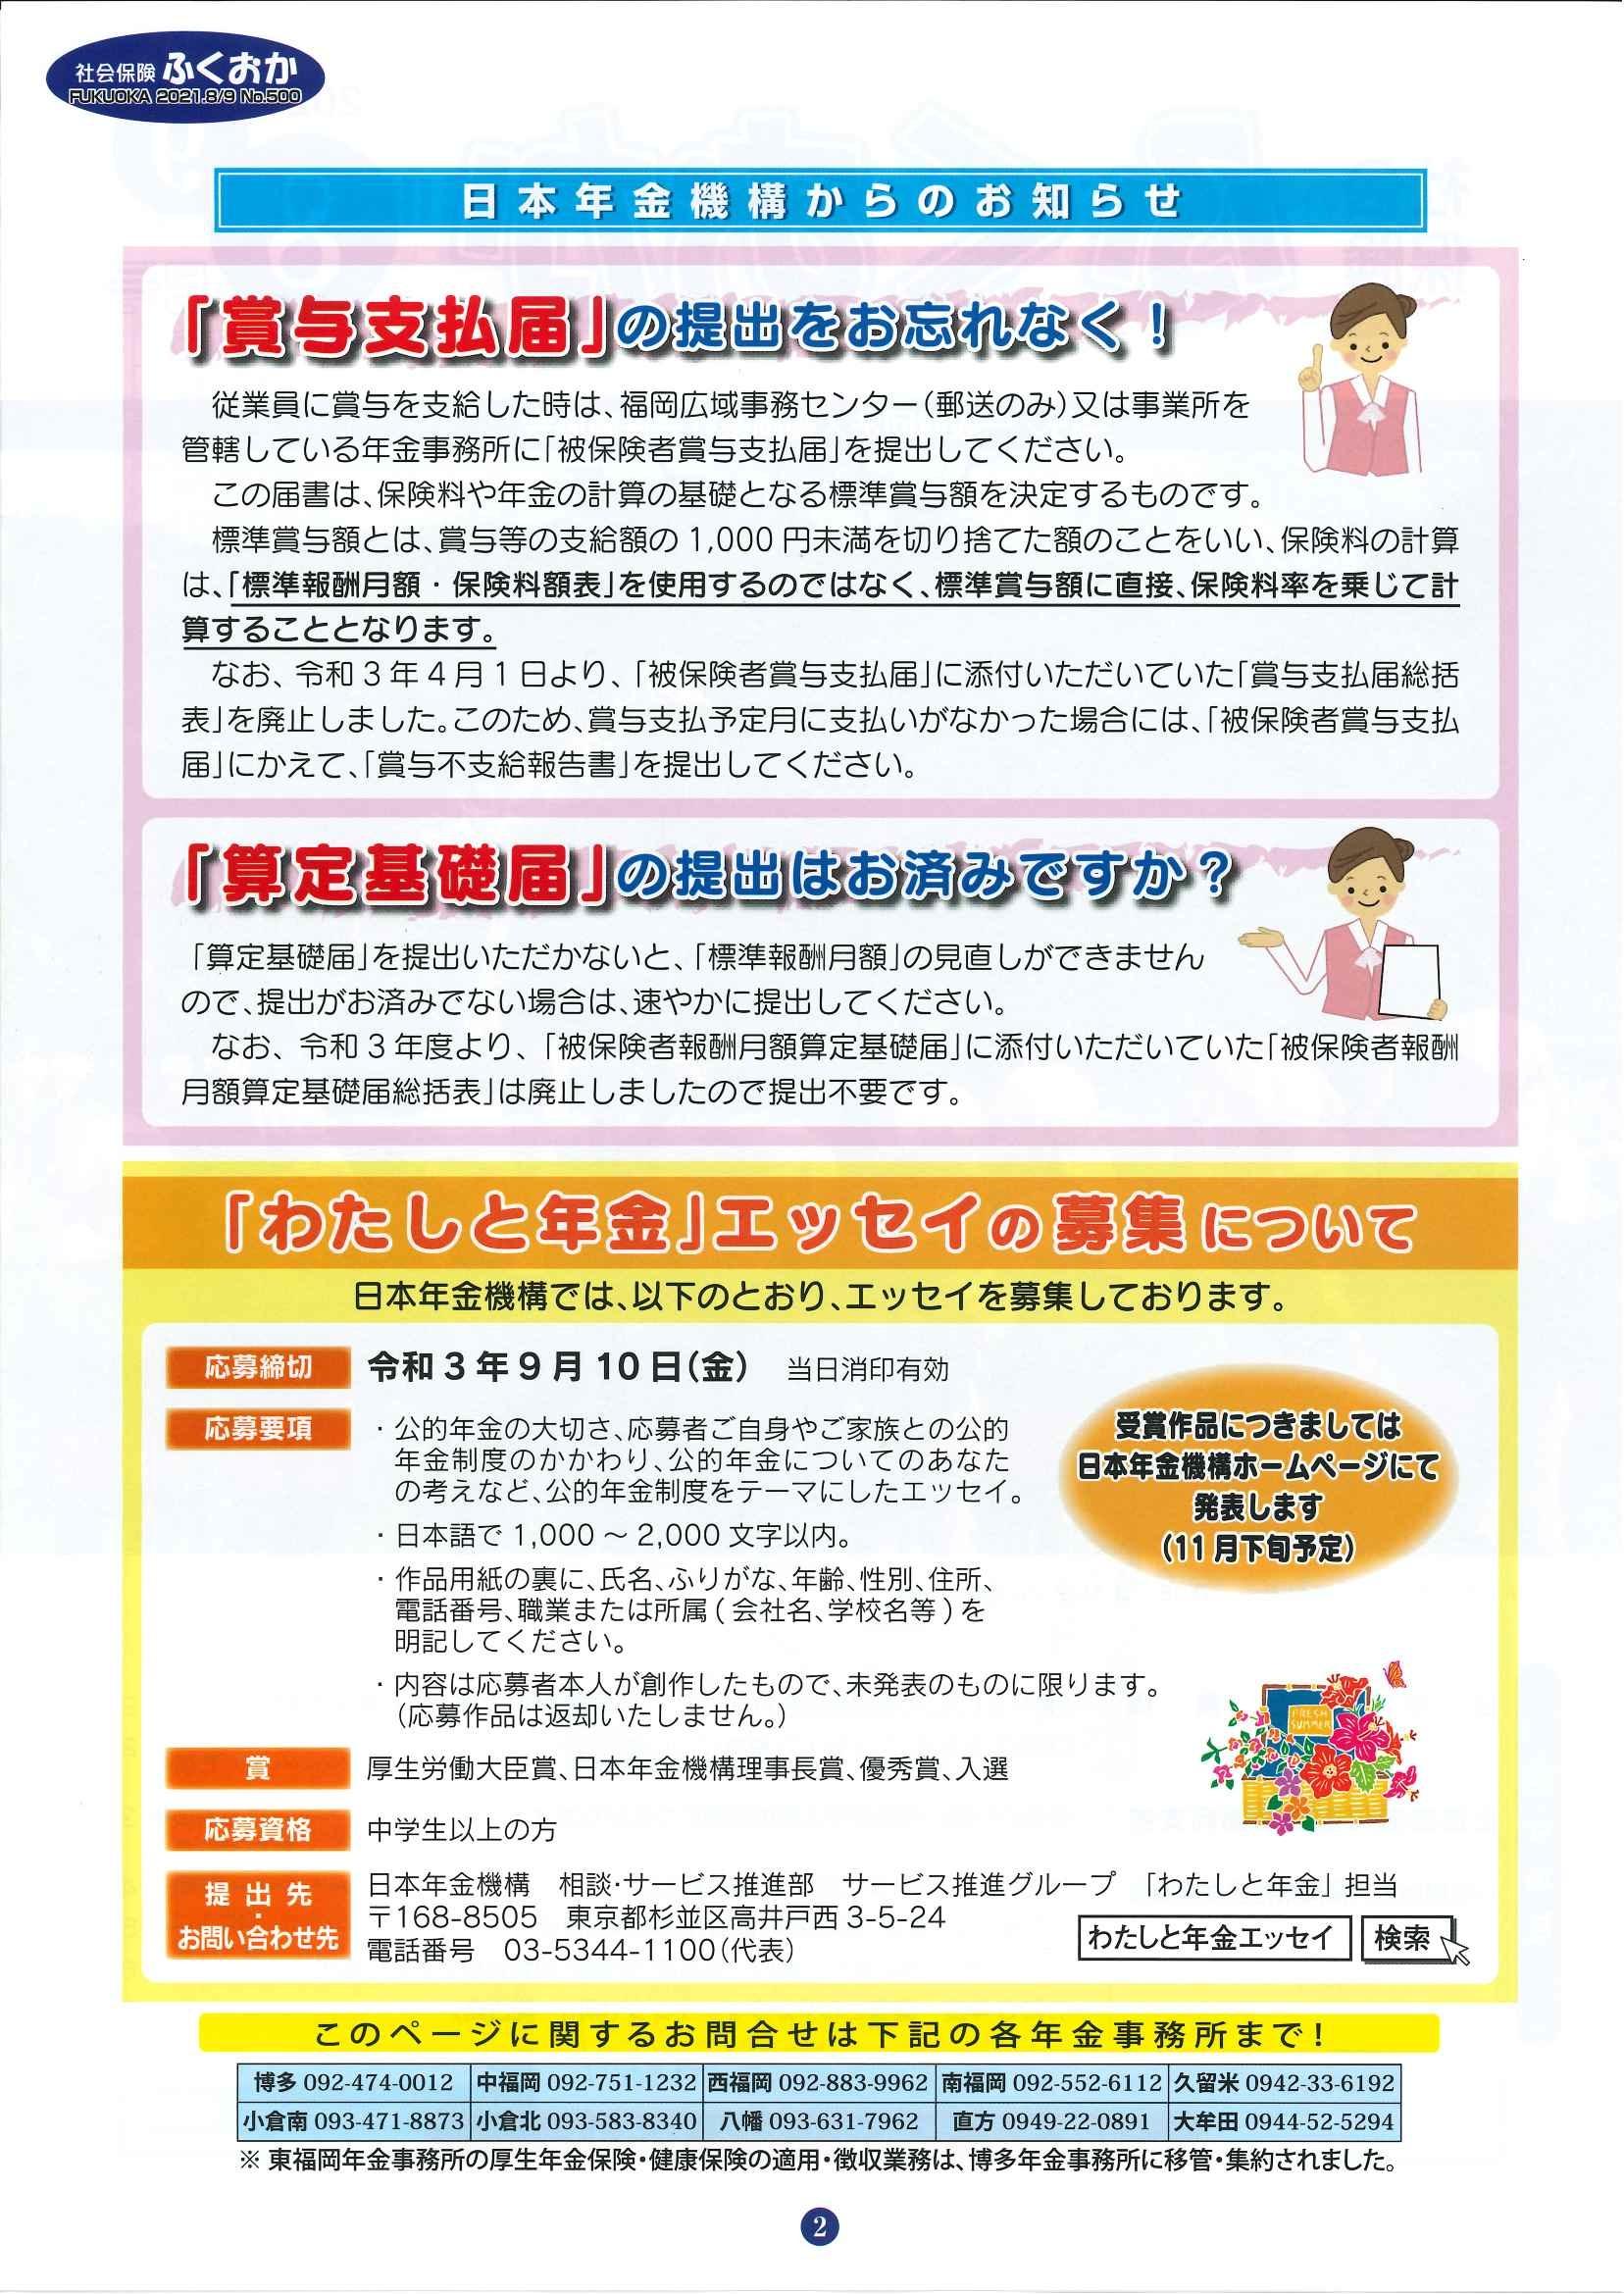 社会保険「ふくおか」2021年 8・9月号_f0120774_09560647.jpg